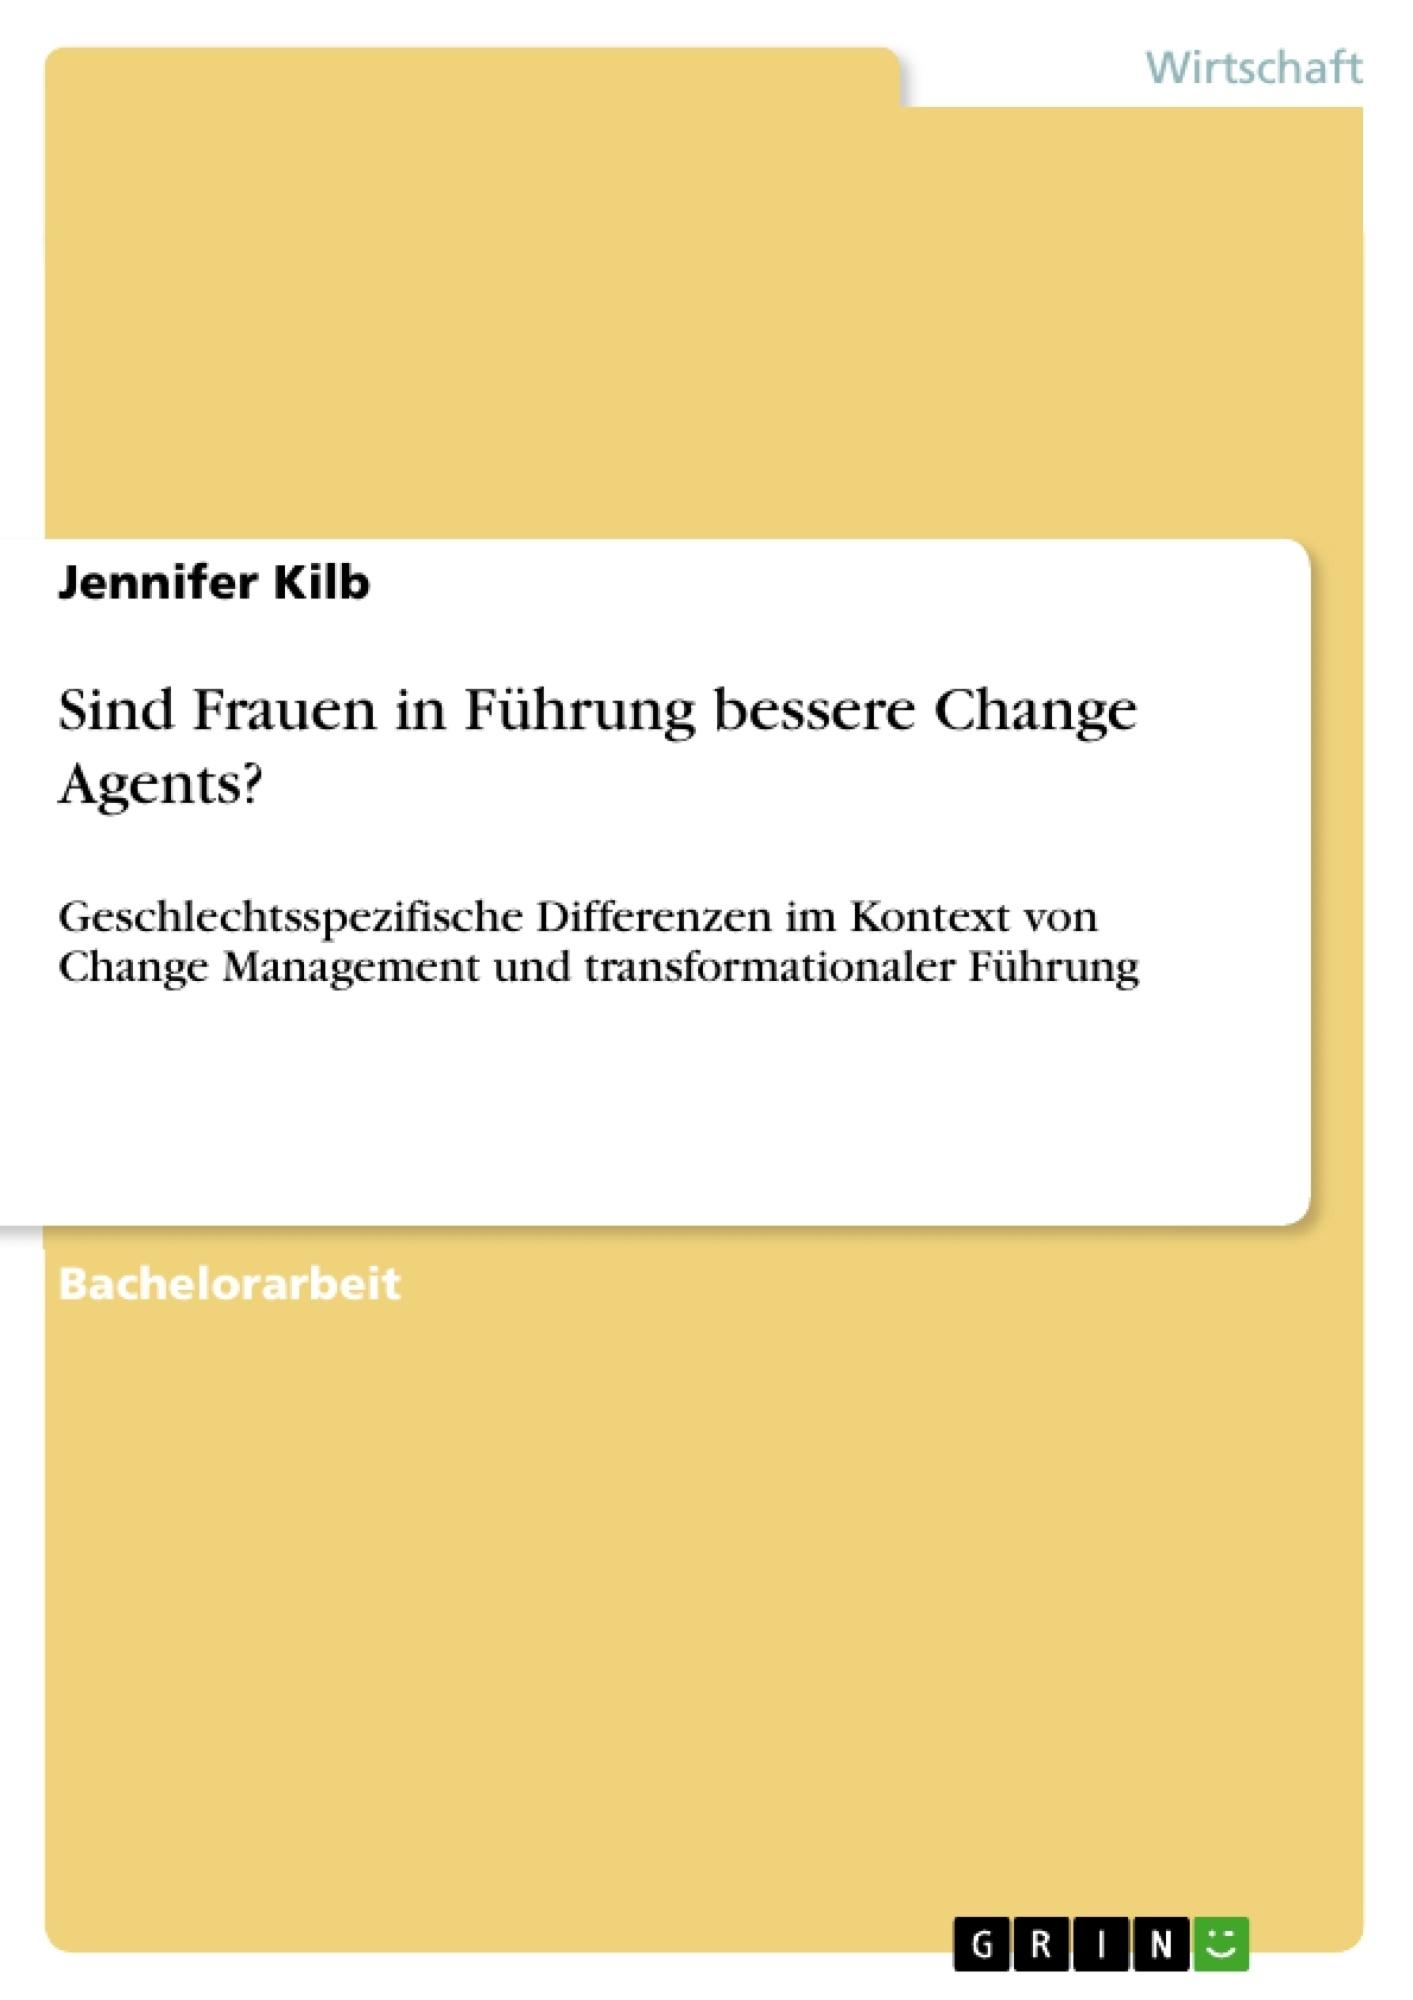 Titel: Sind Frauen in Führung bessere Change Agents?